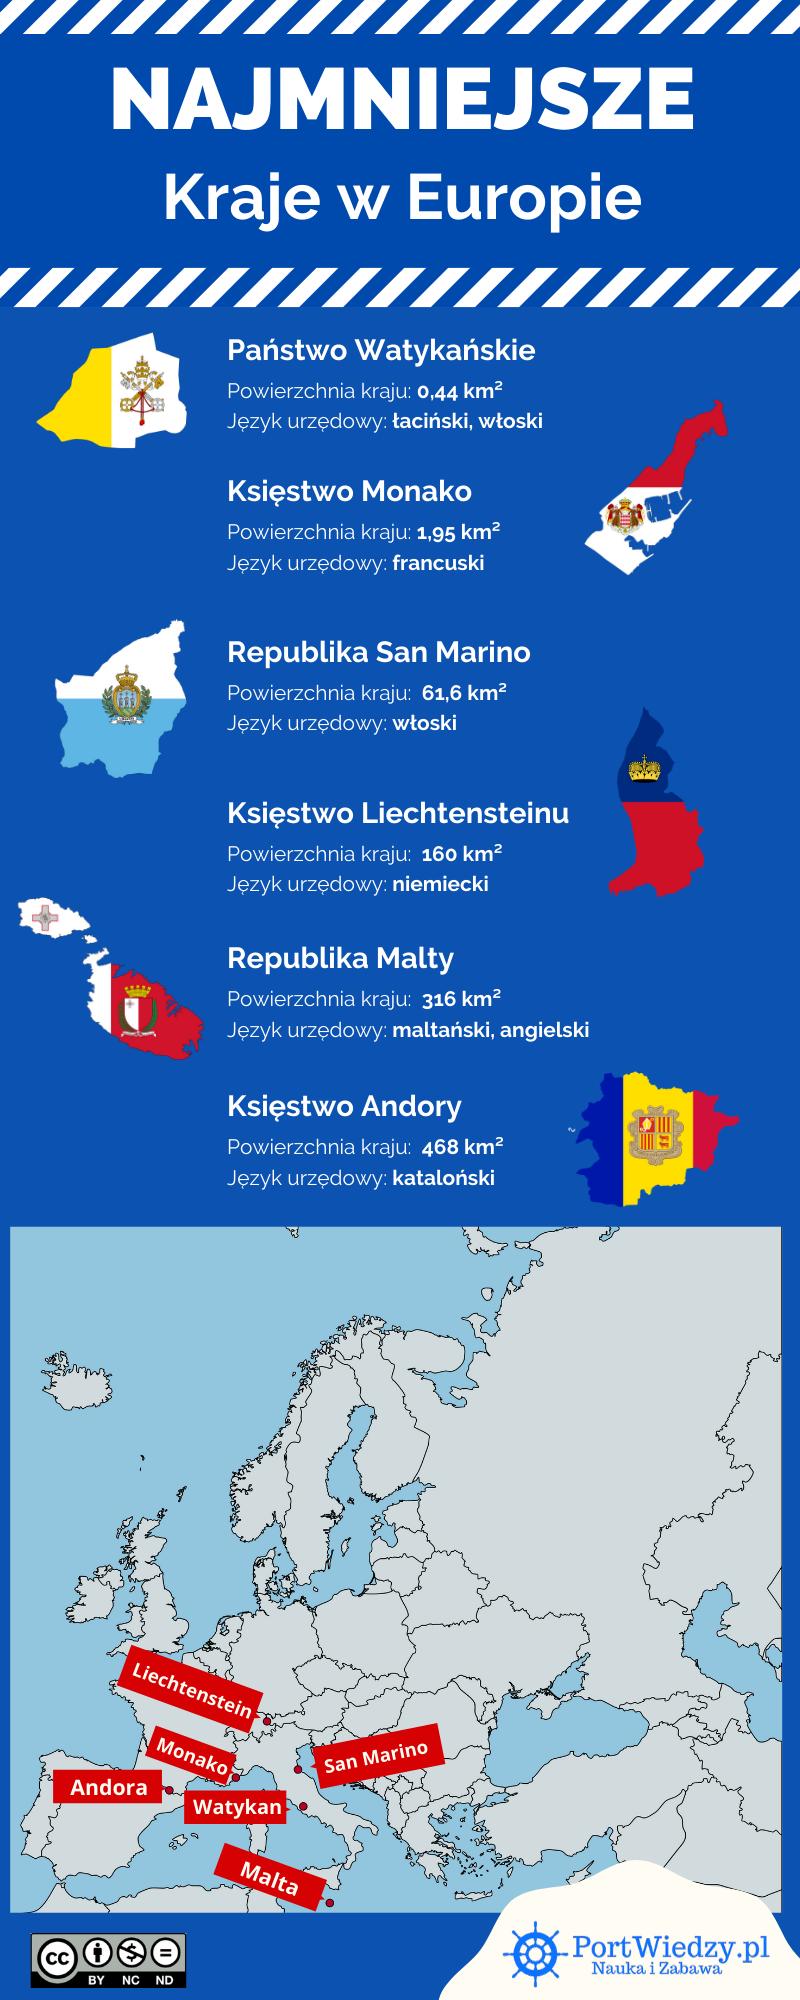 najmniejsze kraje europy - 6 najmniejszych krajów w Europie, które warto zobaczyć